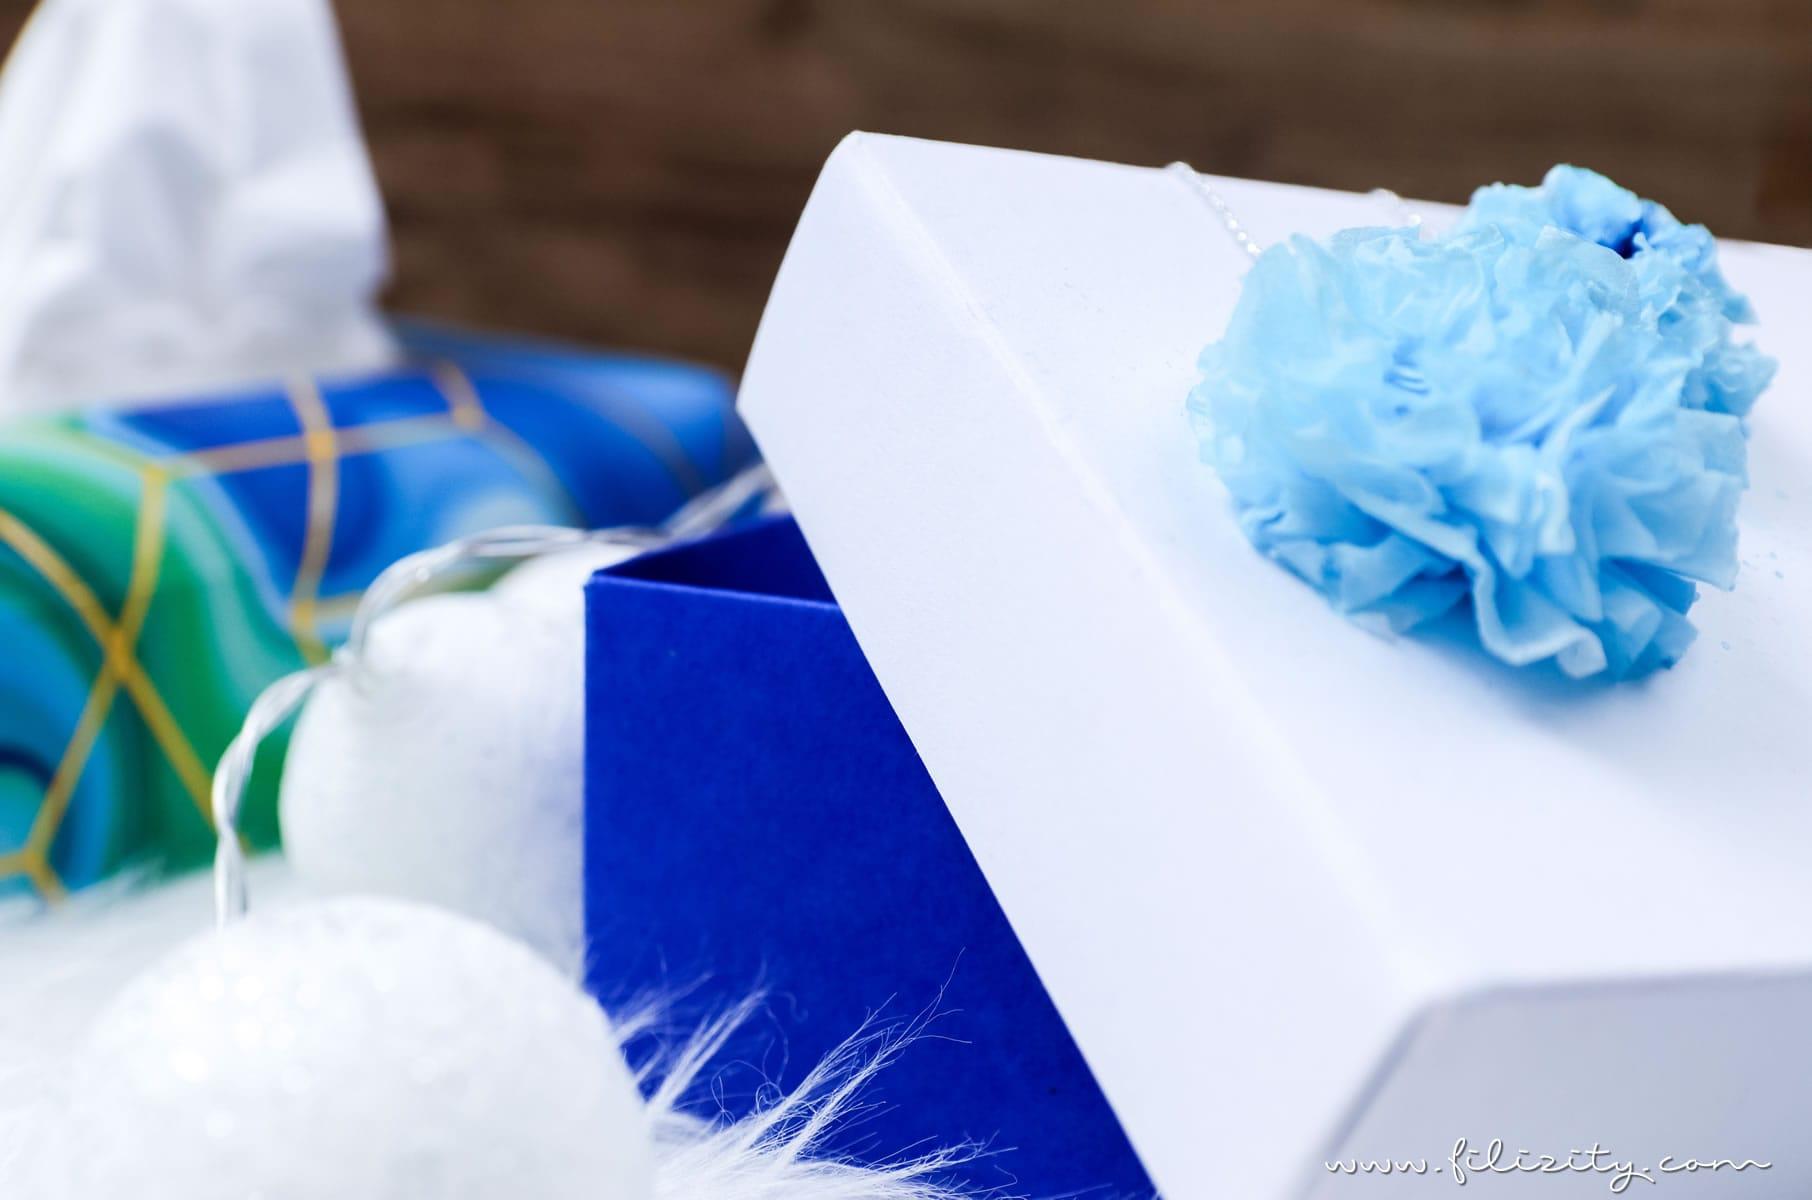 3 weihnachtliche DIY-Ideen mit Taschentüchern | Geschenkverpackung mit Taschentuch-Bommeln | Filizity.com | DIY-Blog aus dem Rheinland #weihnachten #weihnachtsdeko #tempo